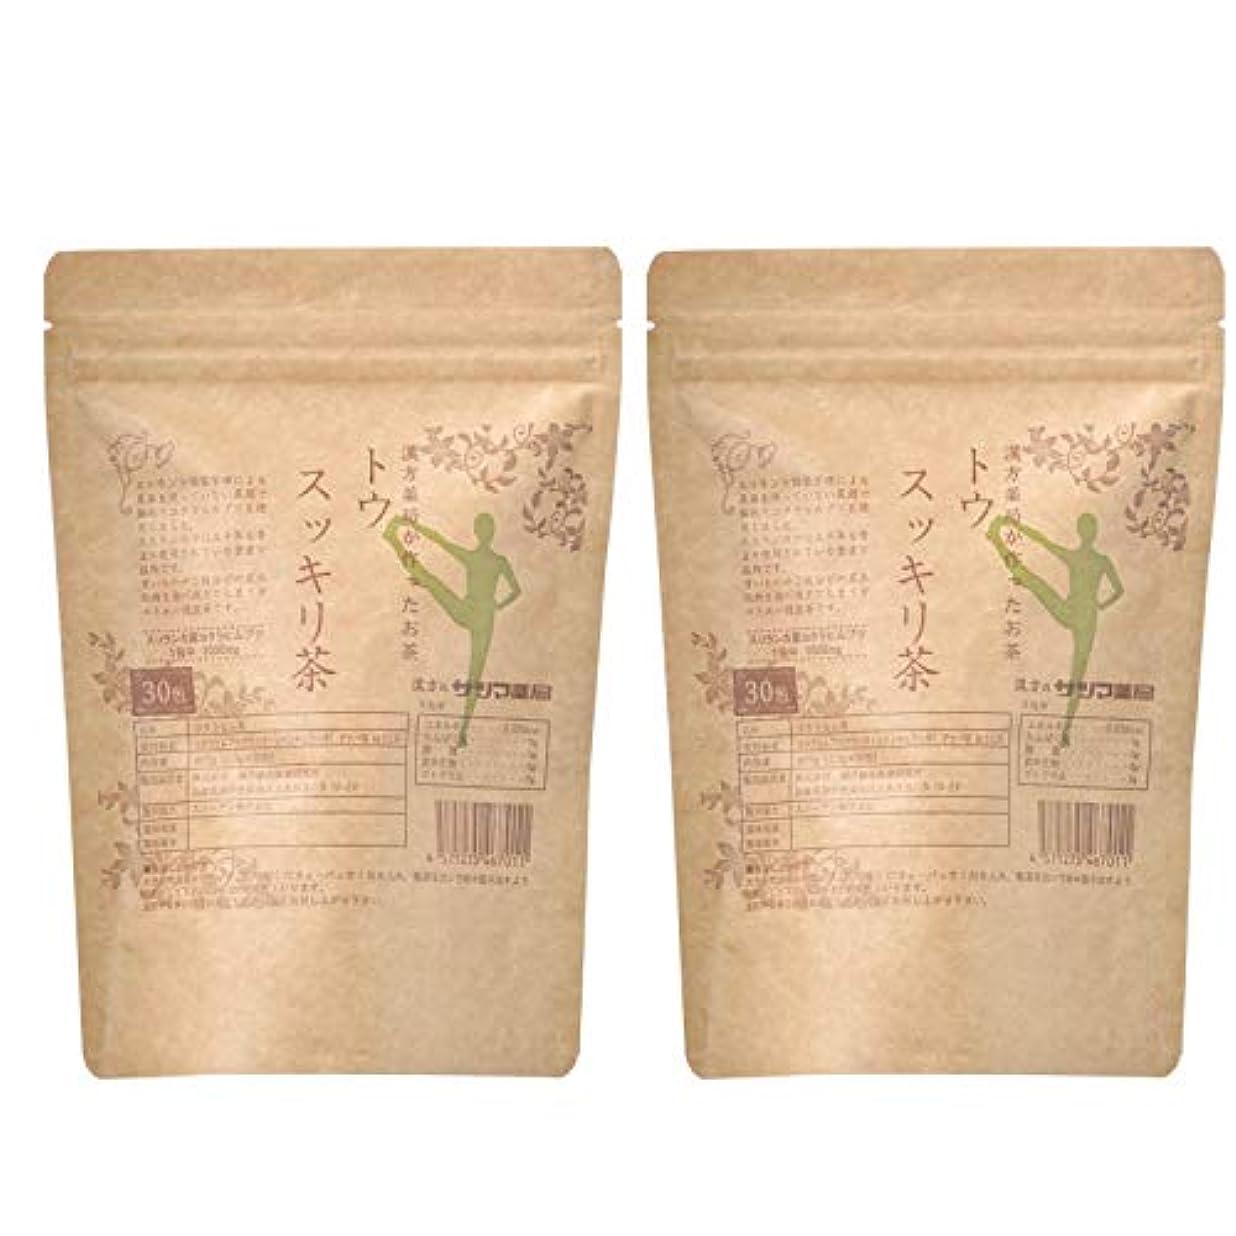 アーサー接地開始サツマ薬局 ダイエットティー トウスッキリ茶 60包(30包×2) ティーパック 高濃度コタラヒム茶 ほうじ茶